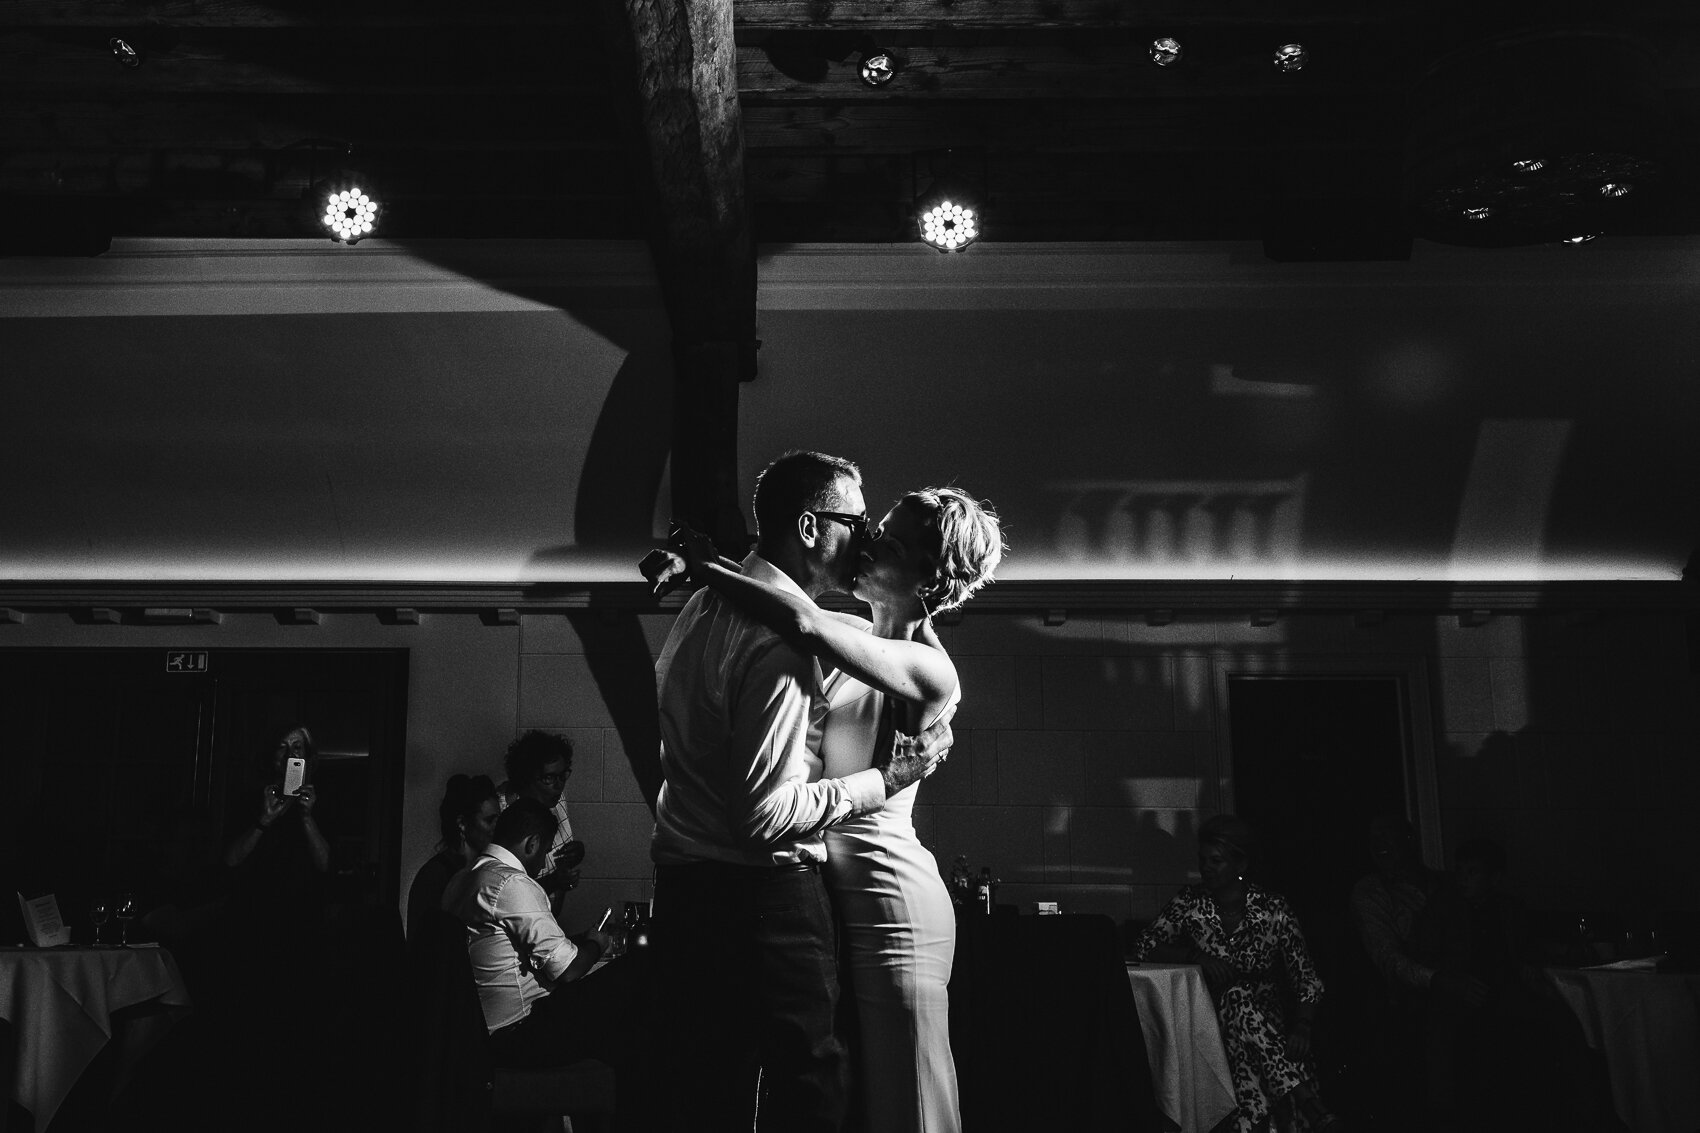 iso800 - huwelijksfotograaf goele kris den eyck kasterlee-10.jpg